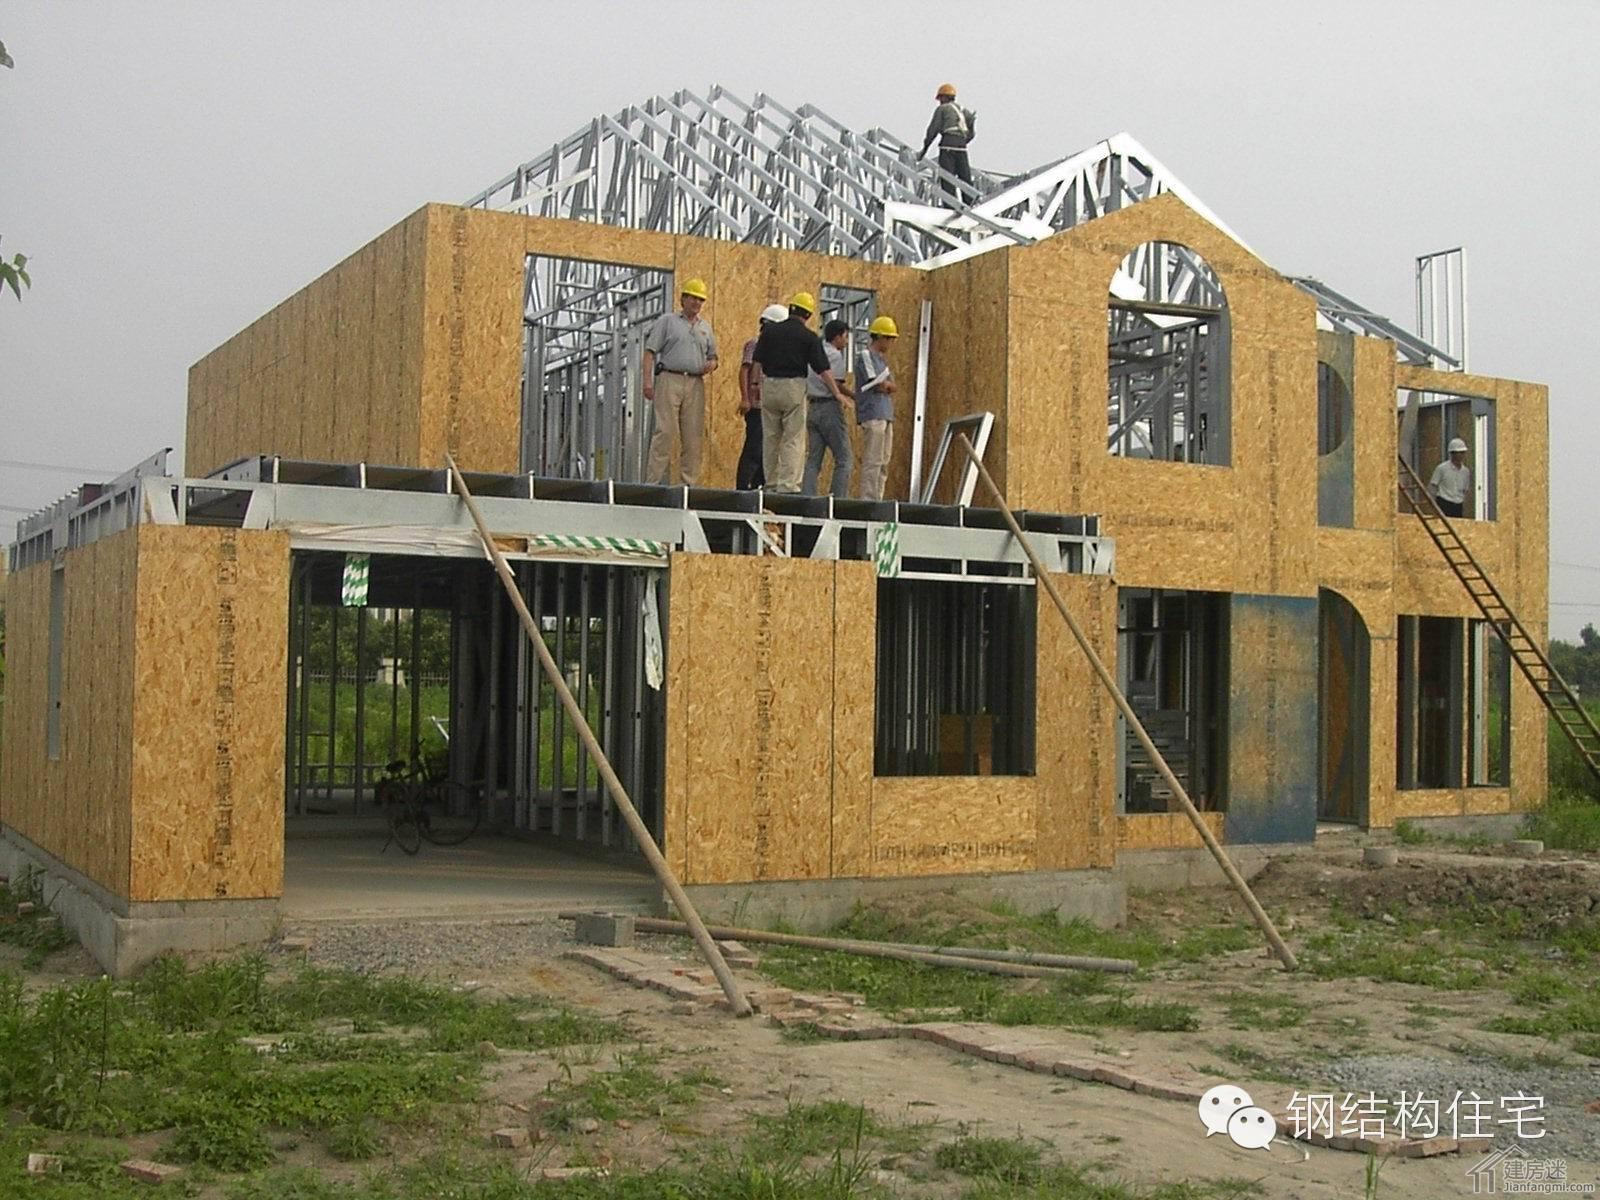 农村造轻钢结构房屋合适吗?在农村建轻钢别墅怎么样?